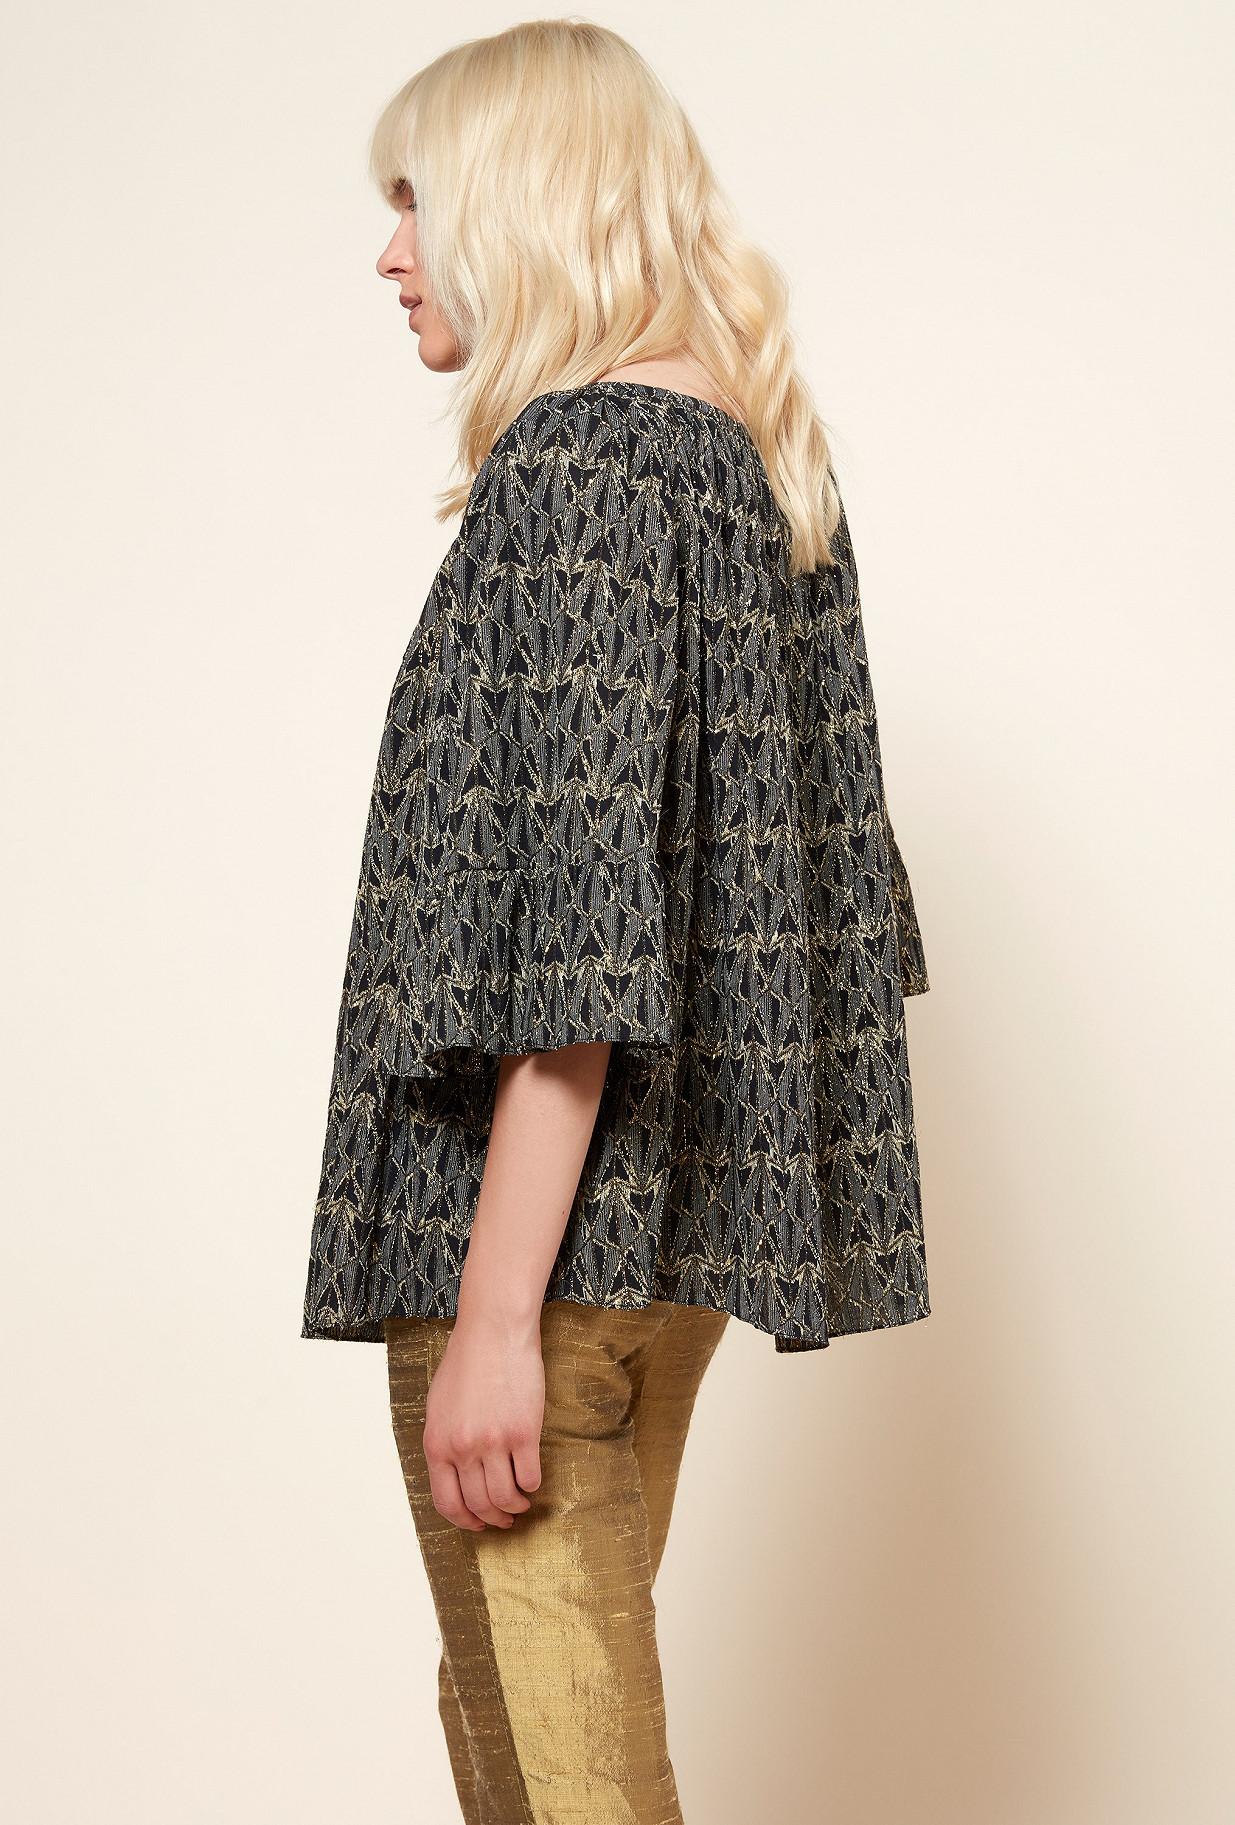 clothes store Blouse  Bacchante french designer fashion Paris